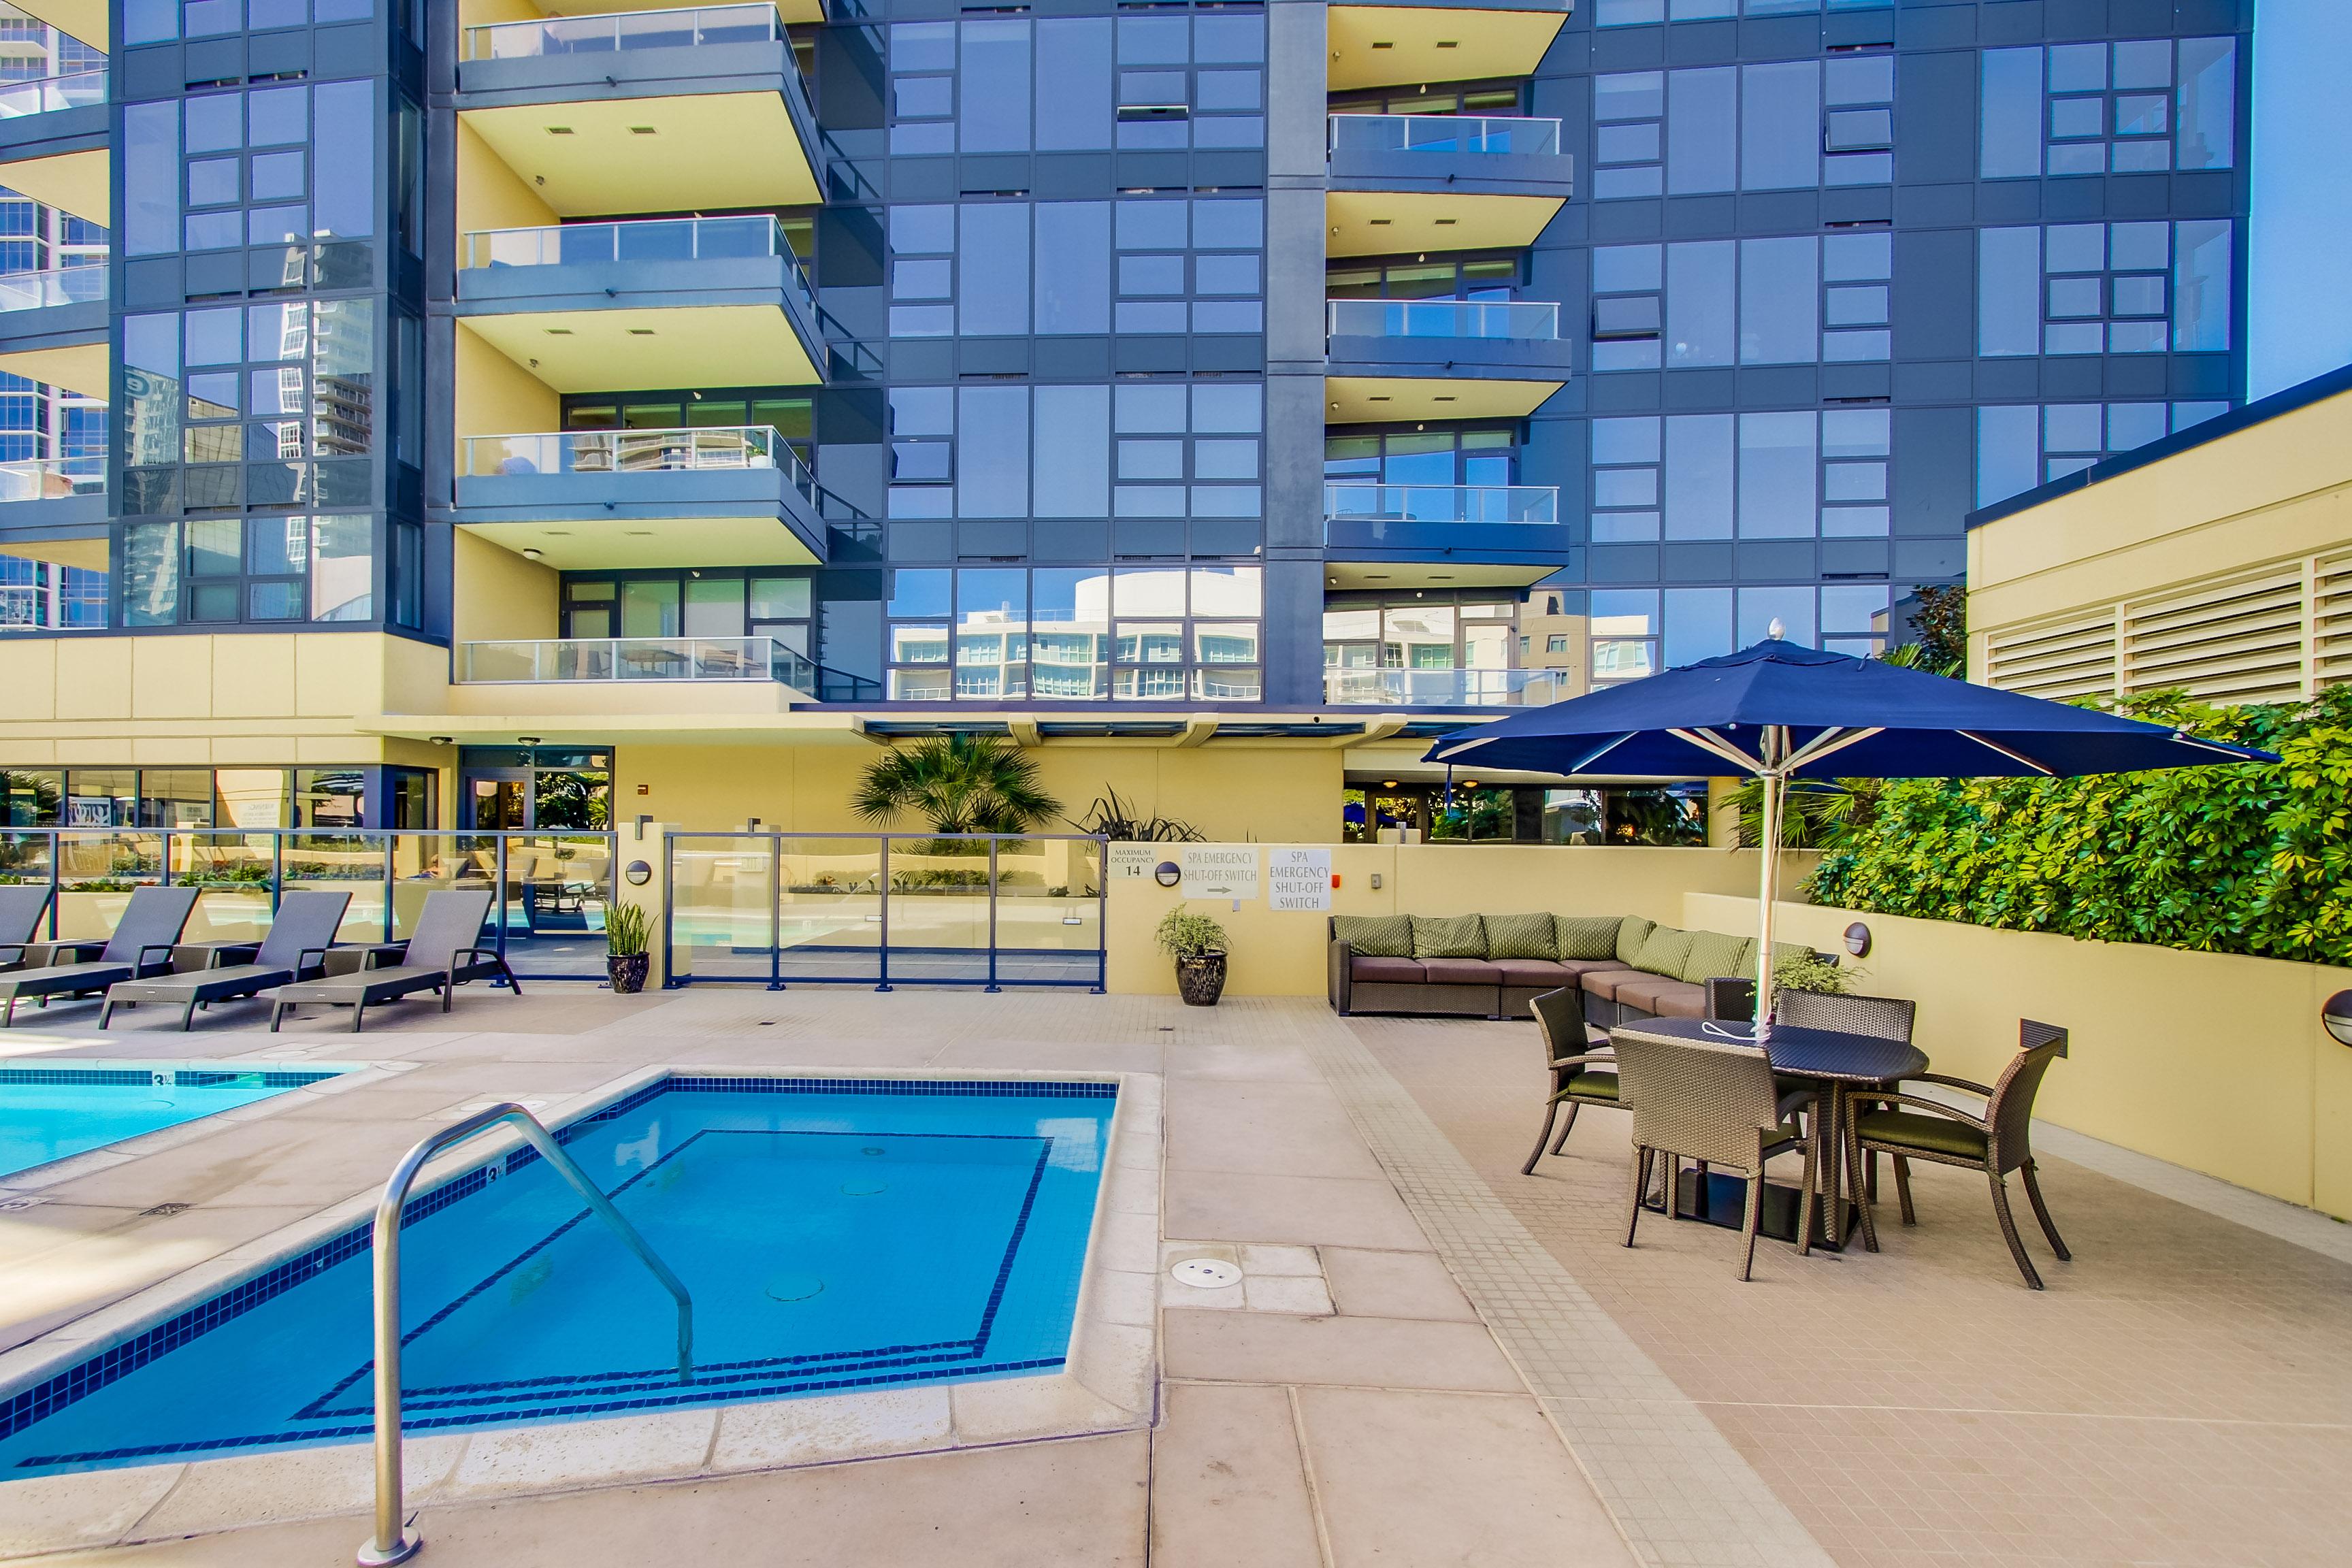 Bayside San Diego